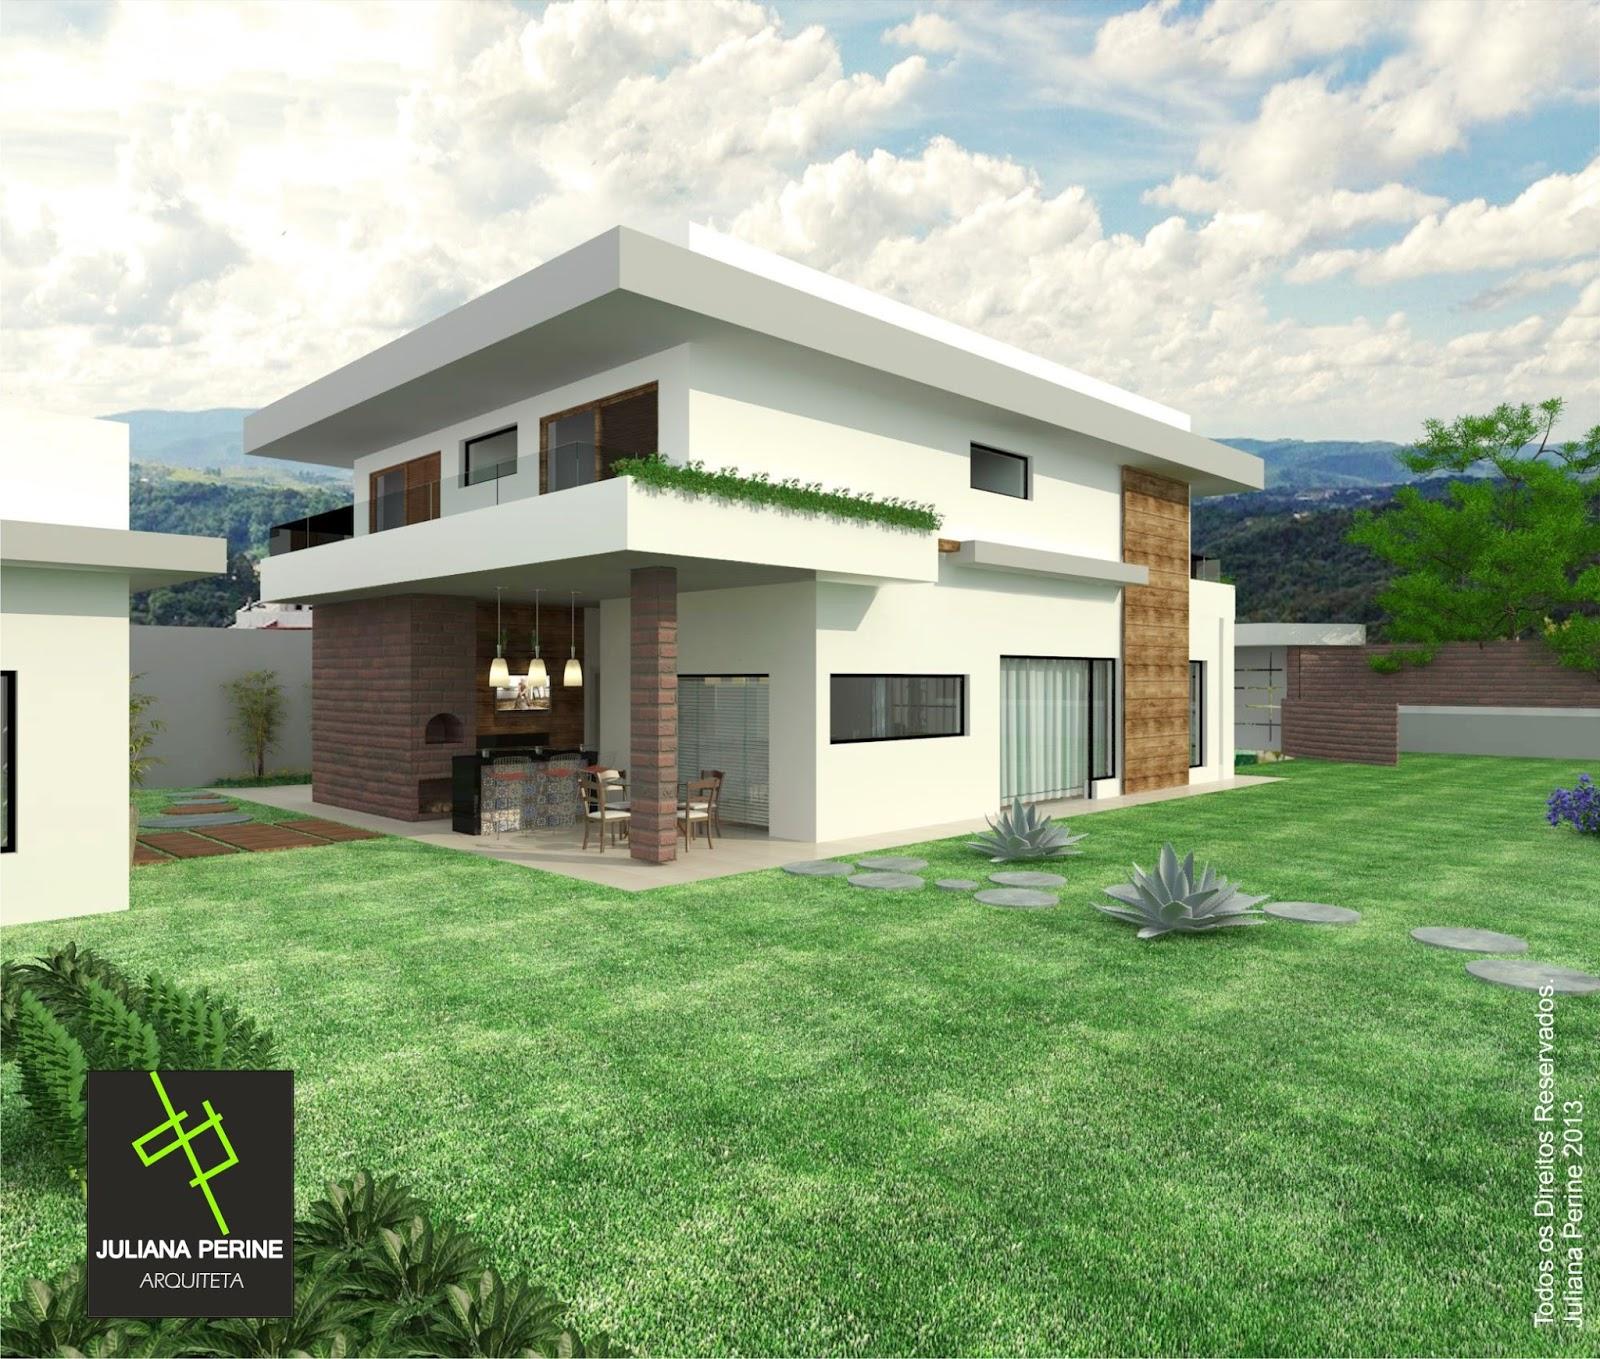 #467333  Moderno x Sustentável [Projeto Residencial em Piracicaba SP 1202 Portas E Janelas De Madeira Em Uniao Da Vitoria